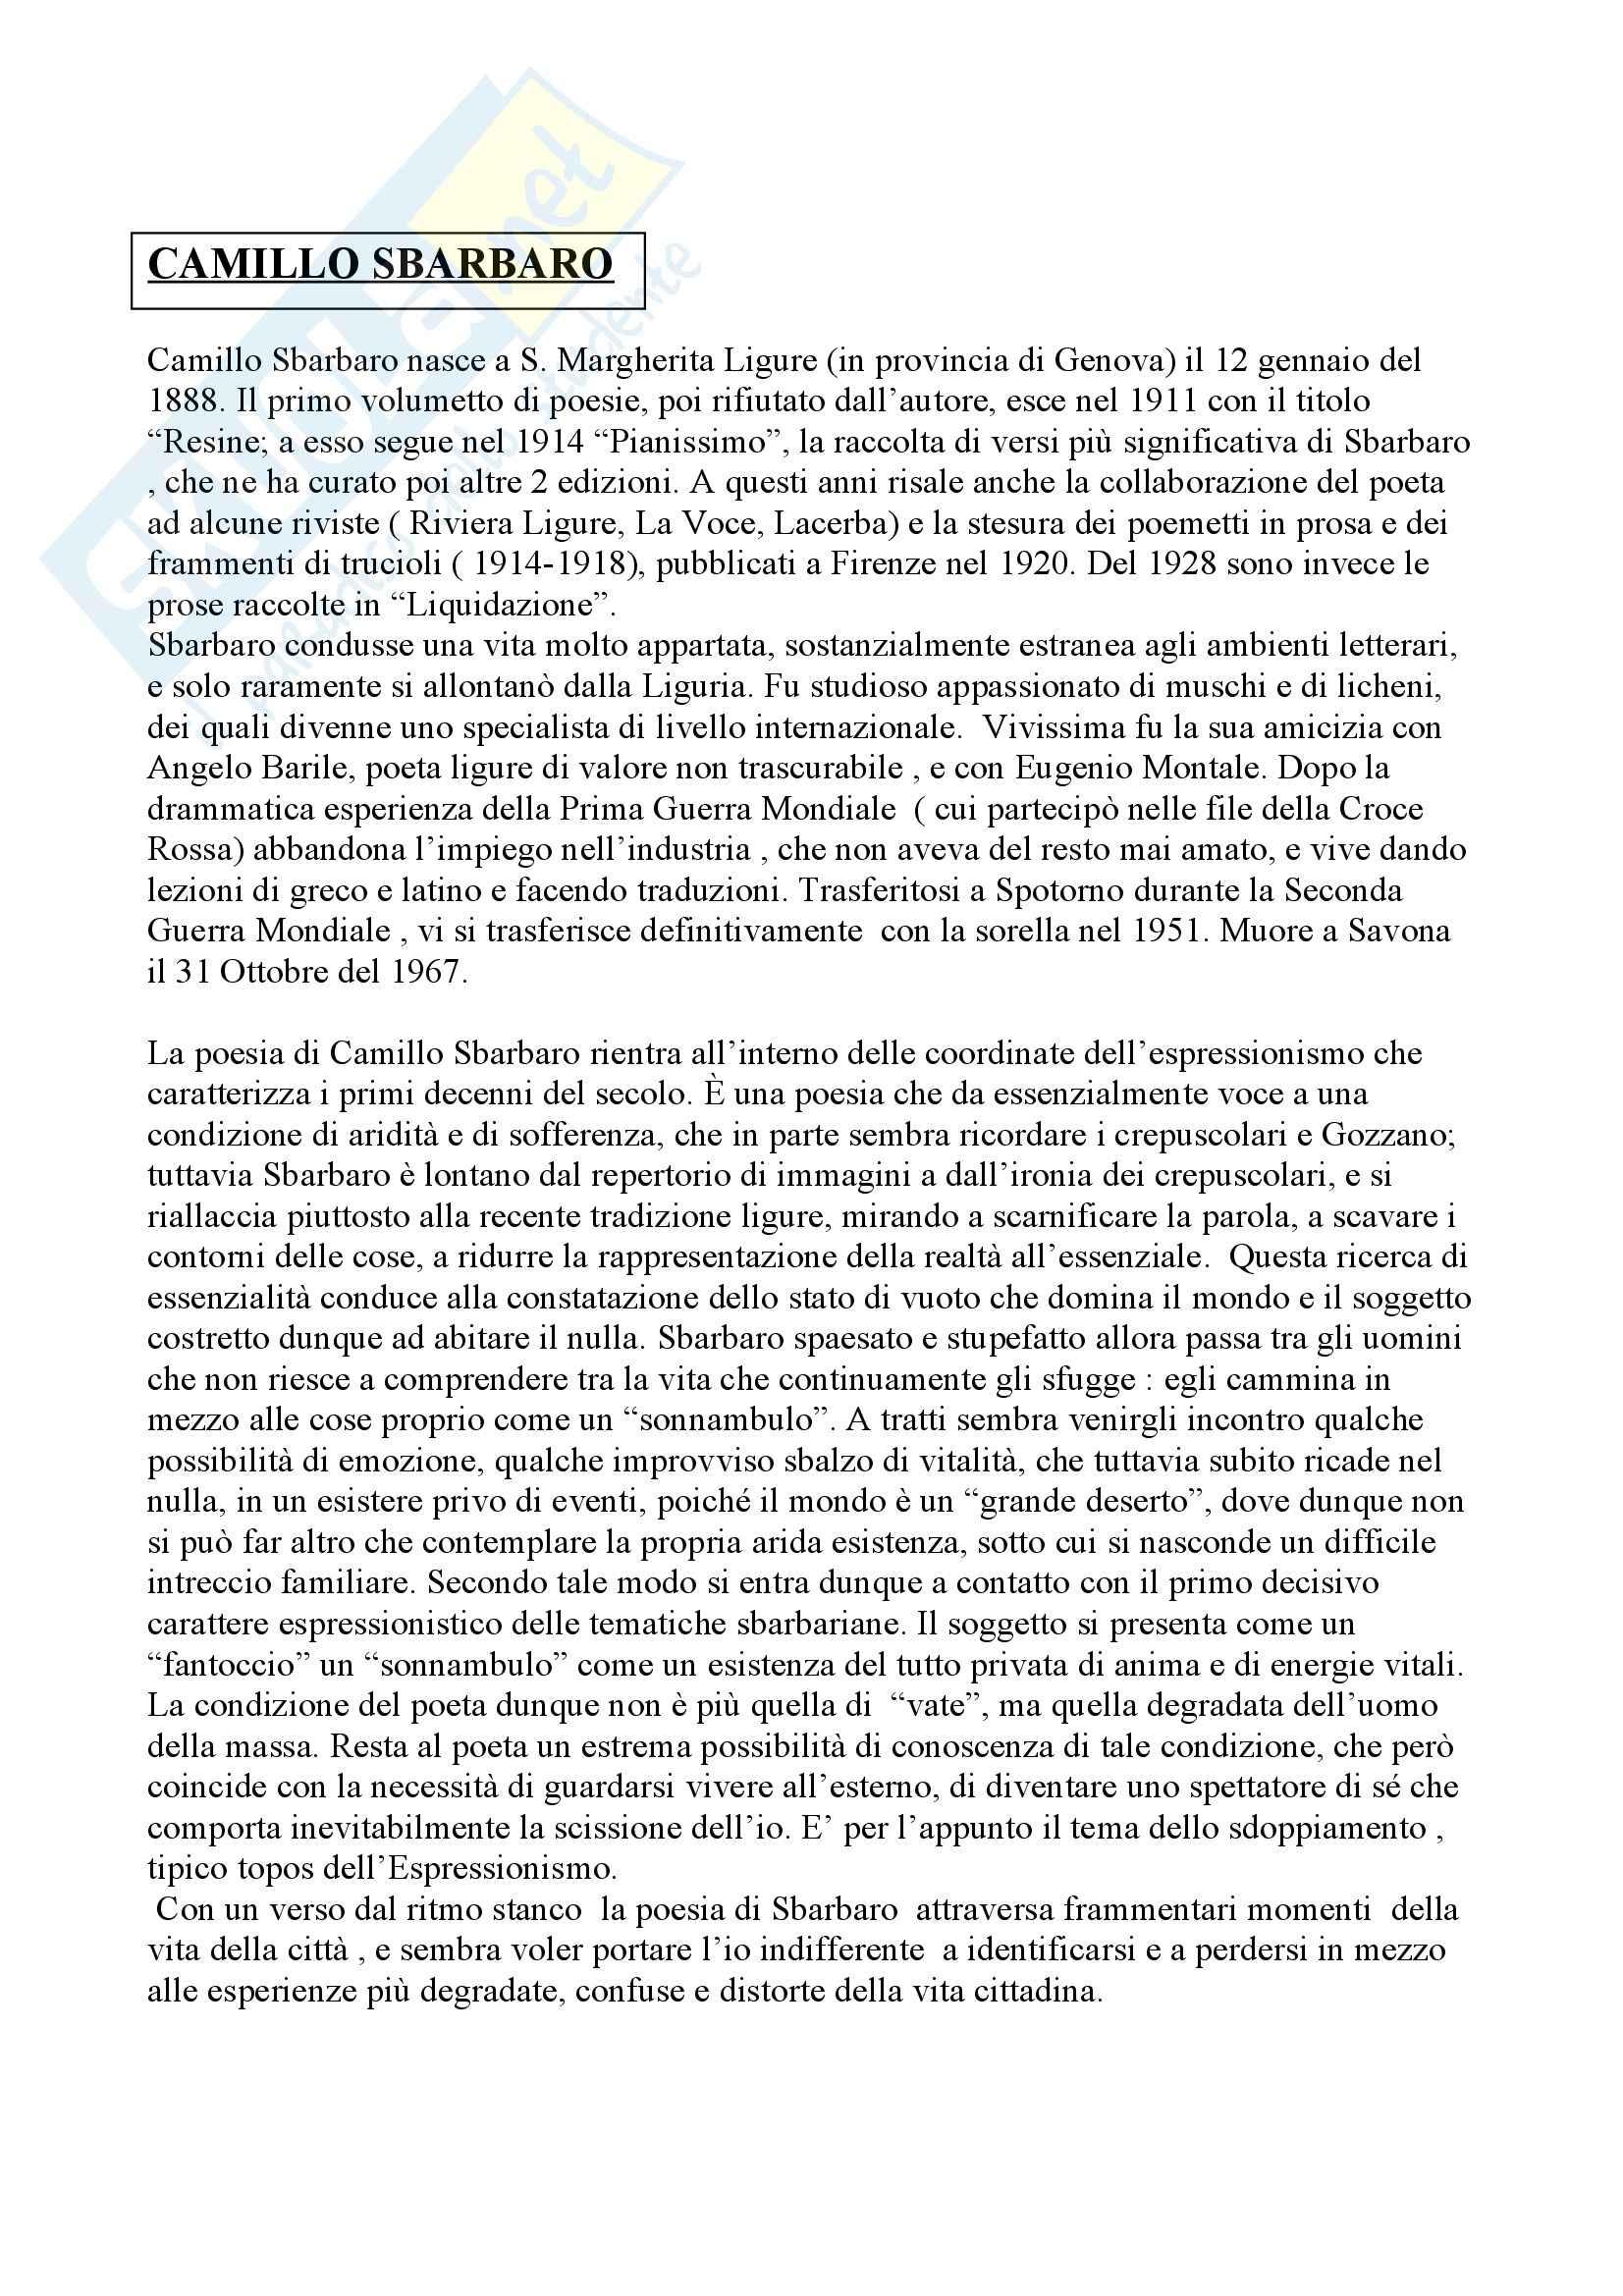 Riassunto esame Letteratura, libro adottato Letteratura, storia, immaginario, Luperini Pag. 16